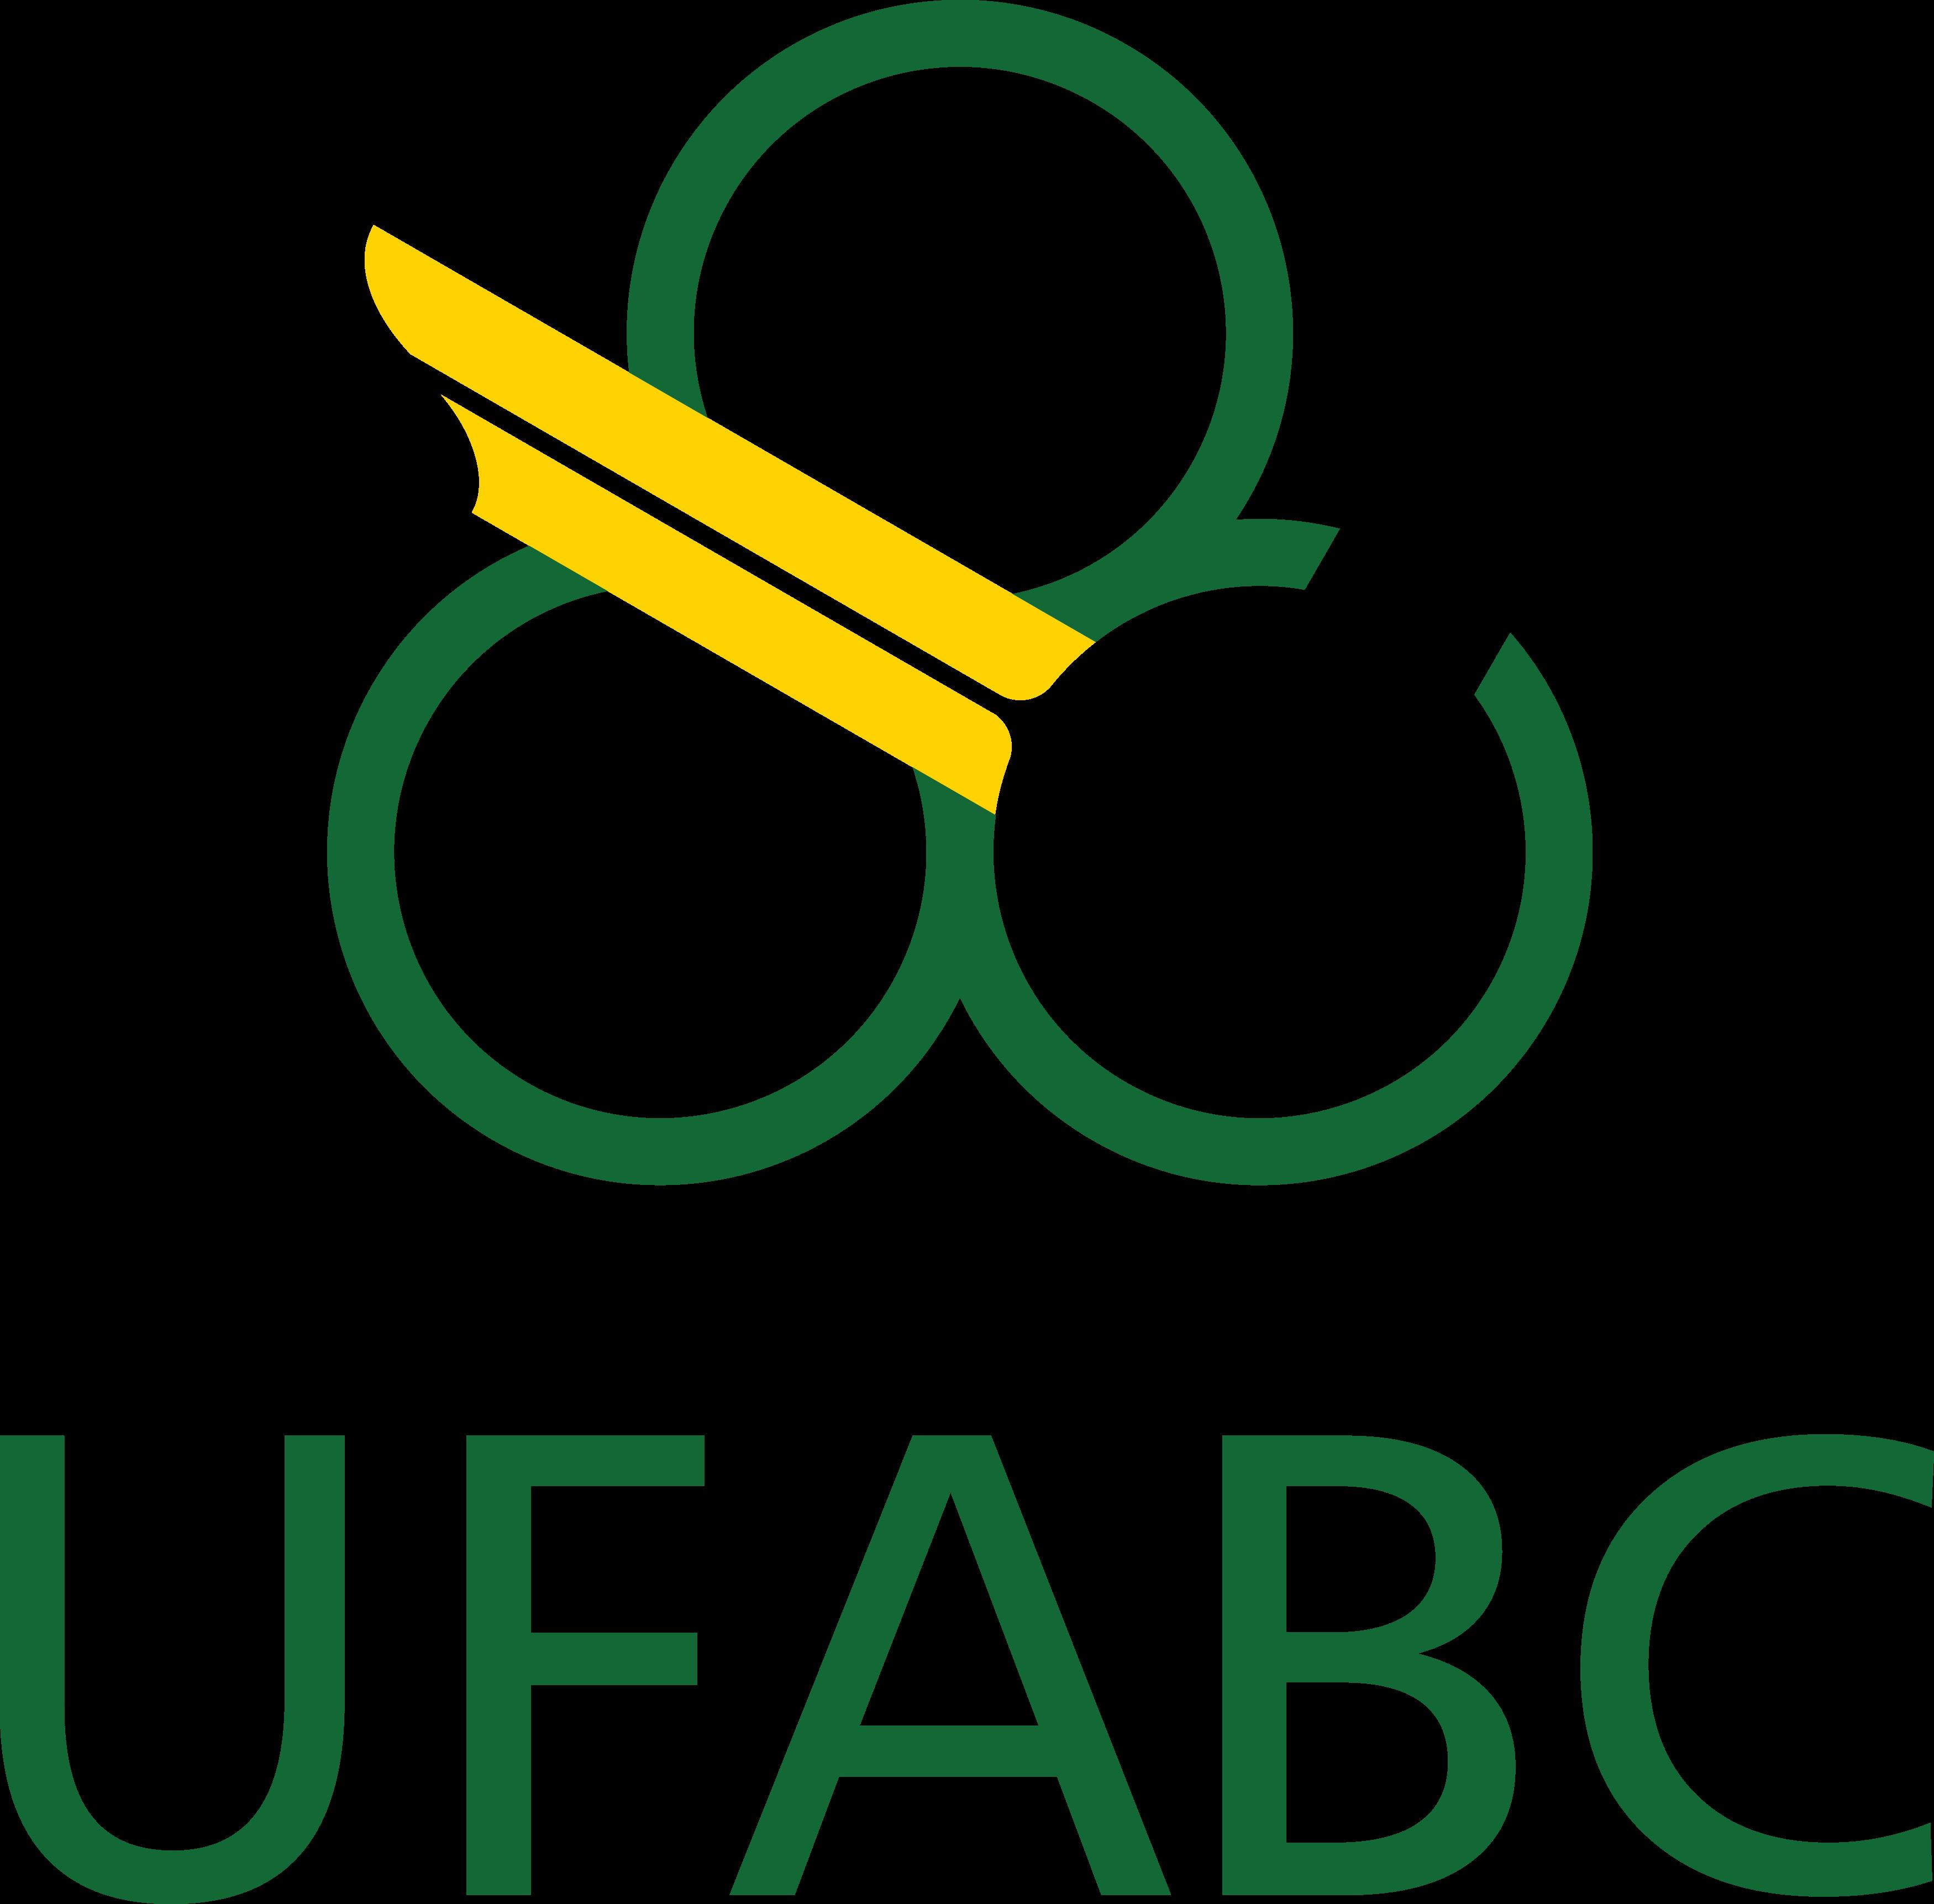 ufabc logo.